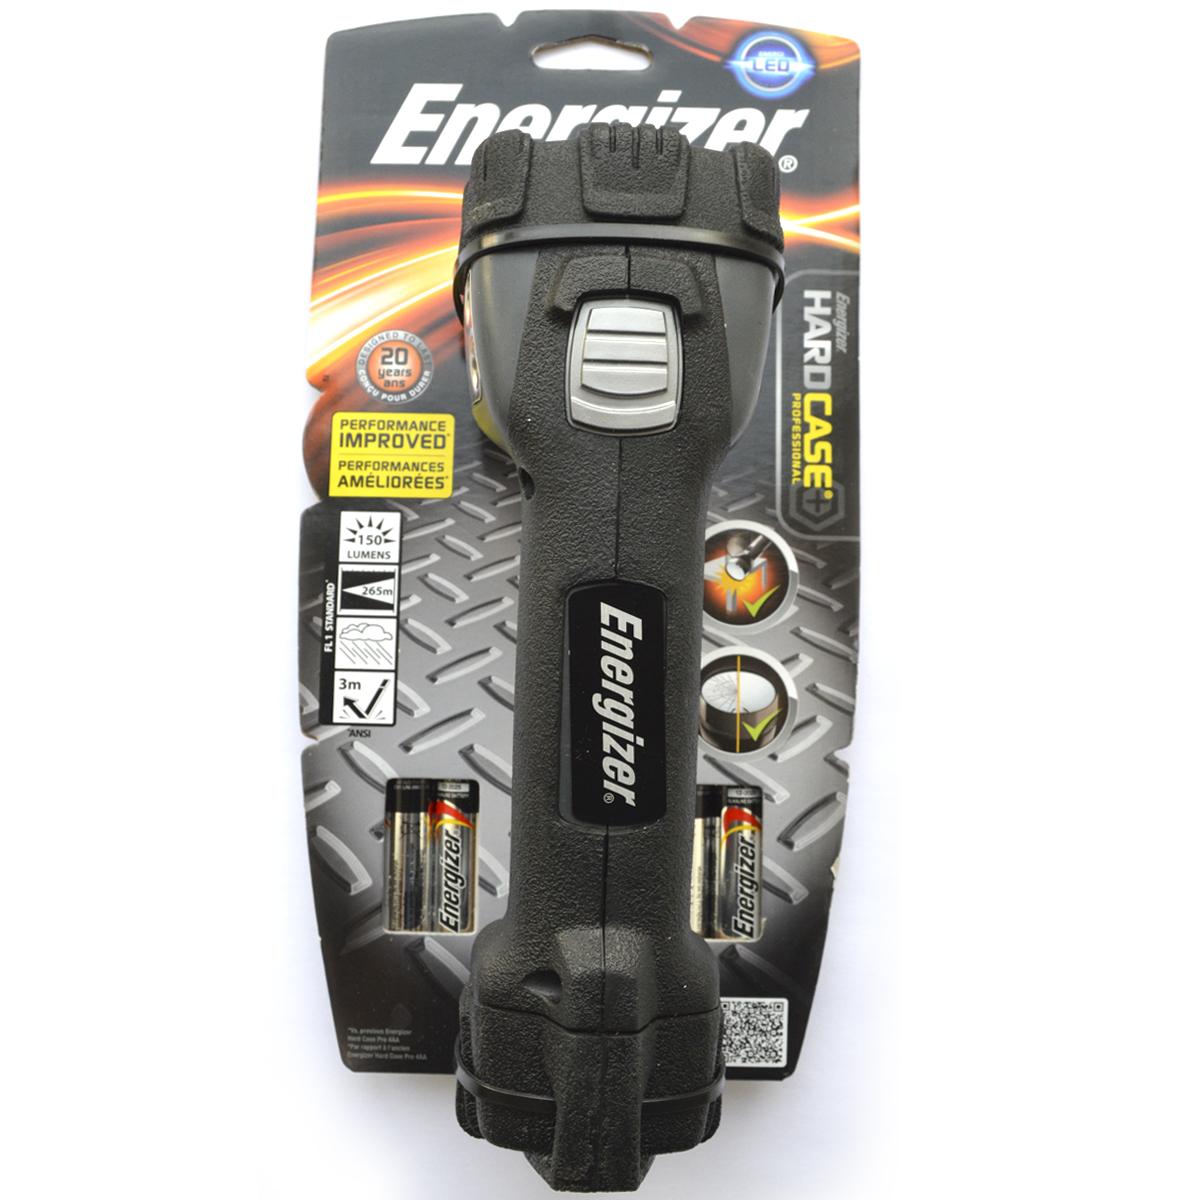 Фонарь ручной Energizer HardCase Pro 1LED. 638532KOC2028LEDЯркий белый точечный светодиод создает мощный узконаправленный лучВысокая ударопрочностьБезосколочные линзы – небьющийсяЧрезвычайно длительный срок службы – рассчитан на 15 летРаботает от 4 щелочных батареек типоразмера AA (в комплекте)